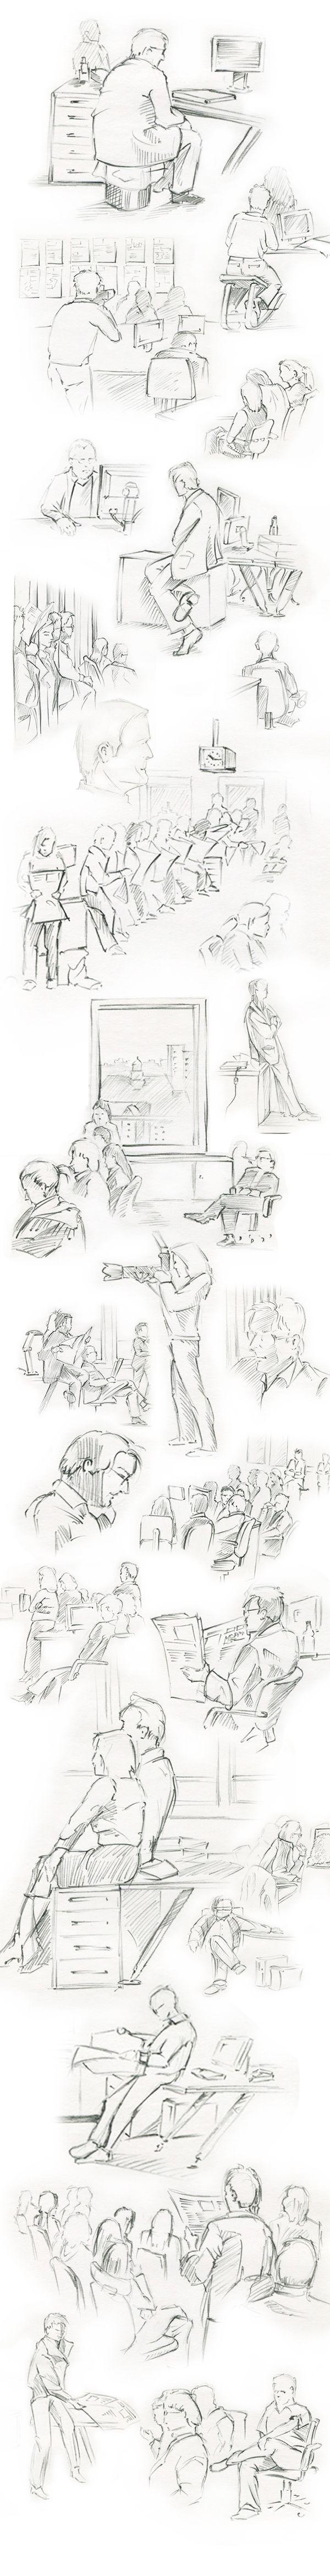 Schriblles aus dem Bild-Konferenzraum, 2004.